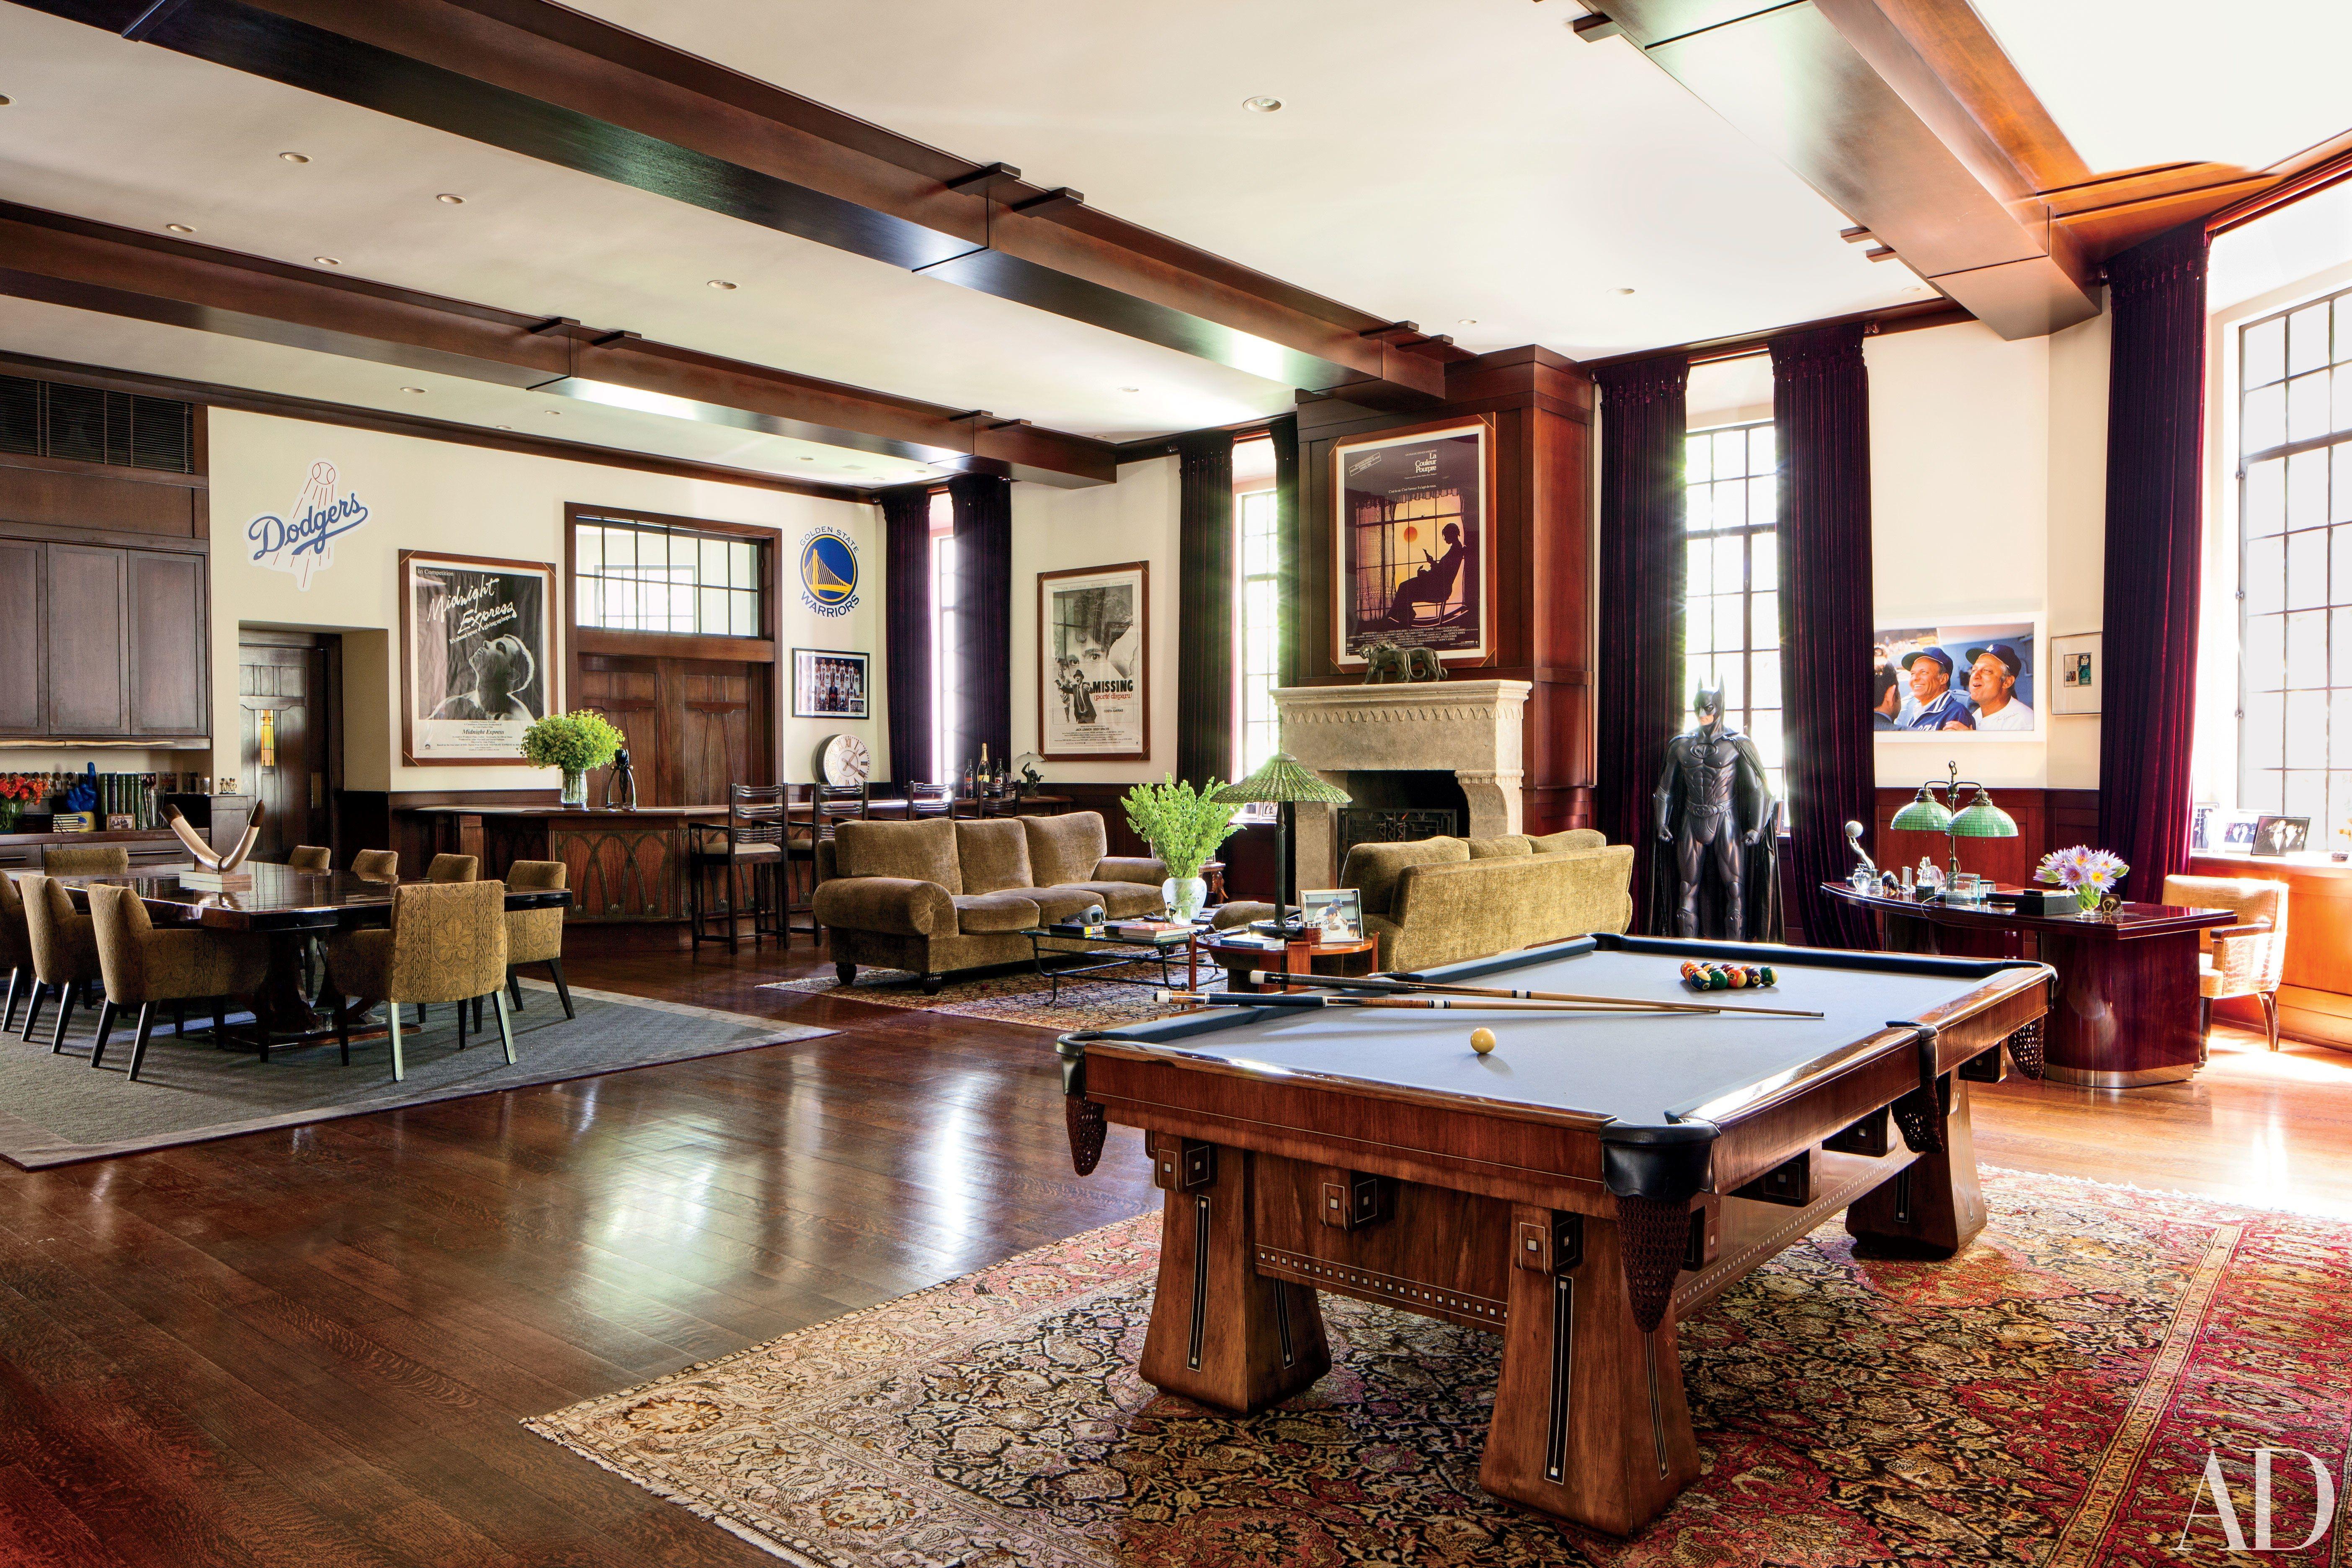 14 Beautiful Billiard Rooms Where You Can